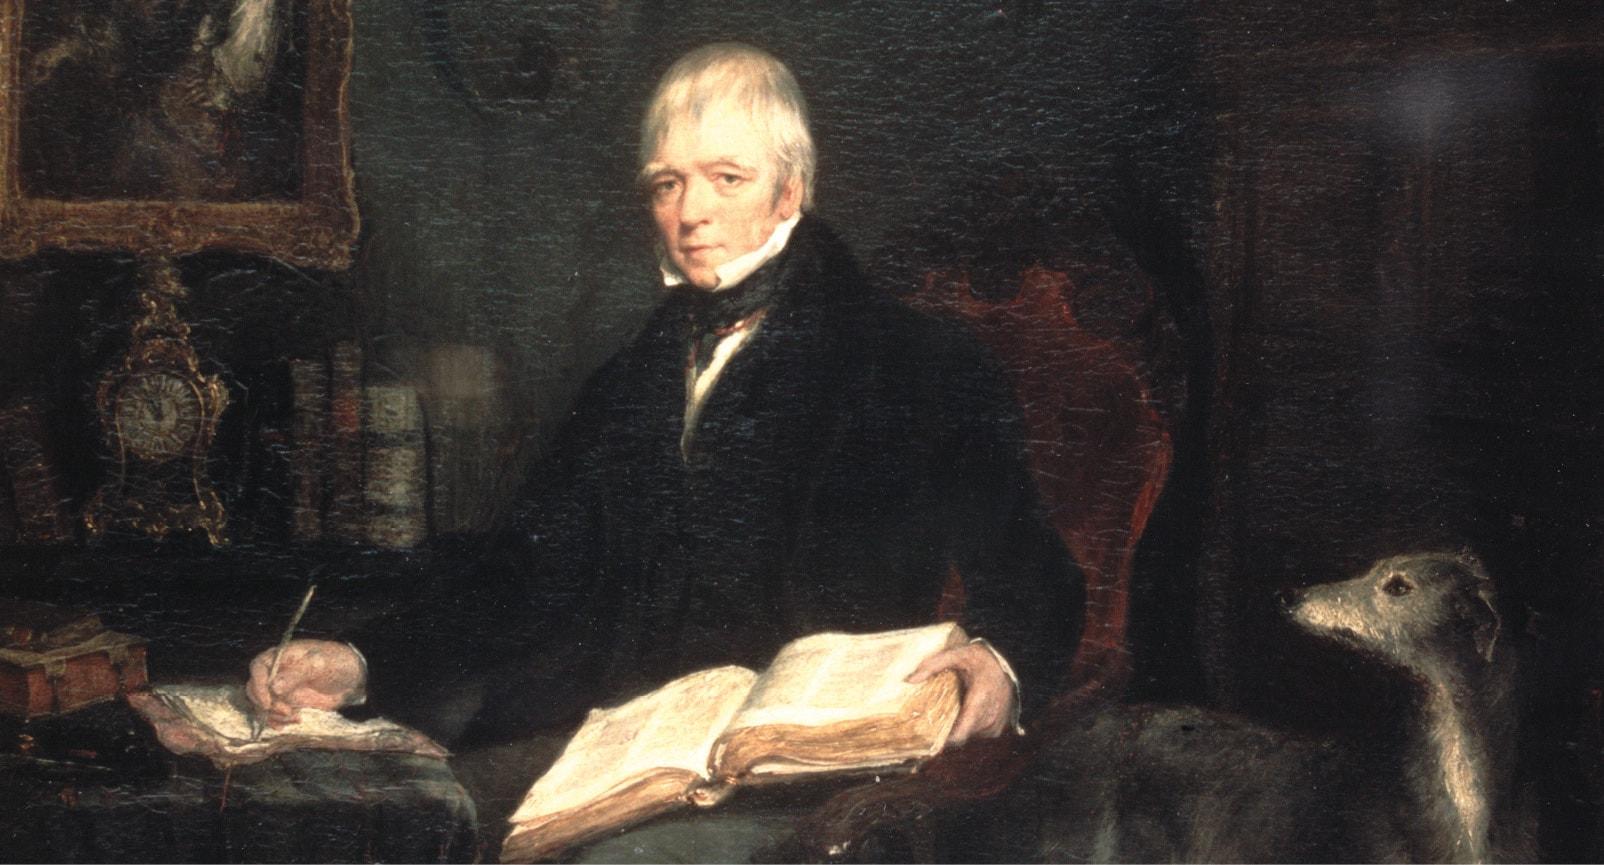 Walter Scott painting